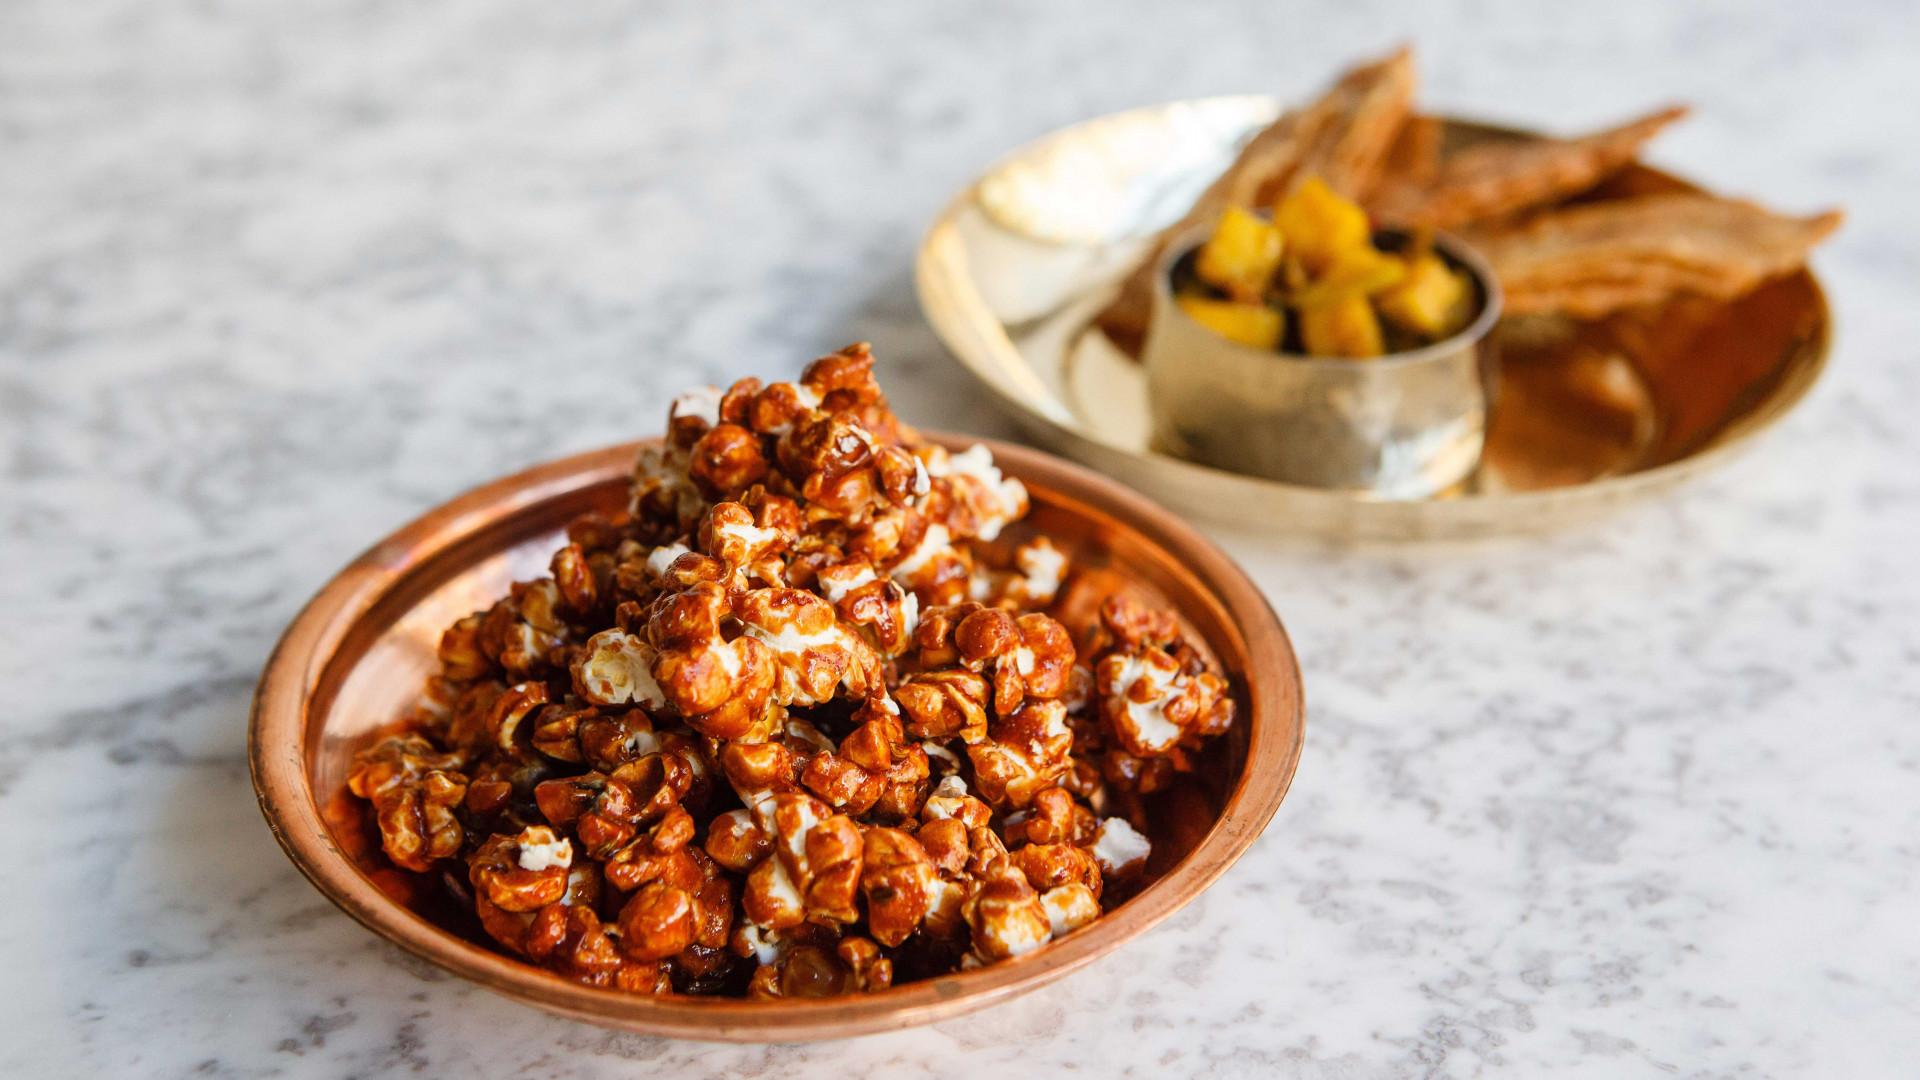 Cauliflower popcorn from Jikoni